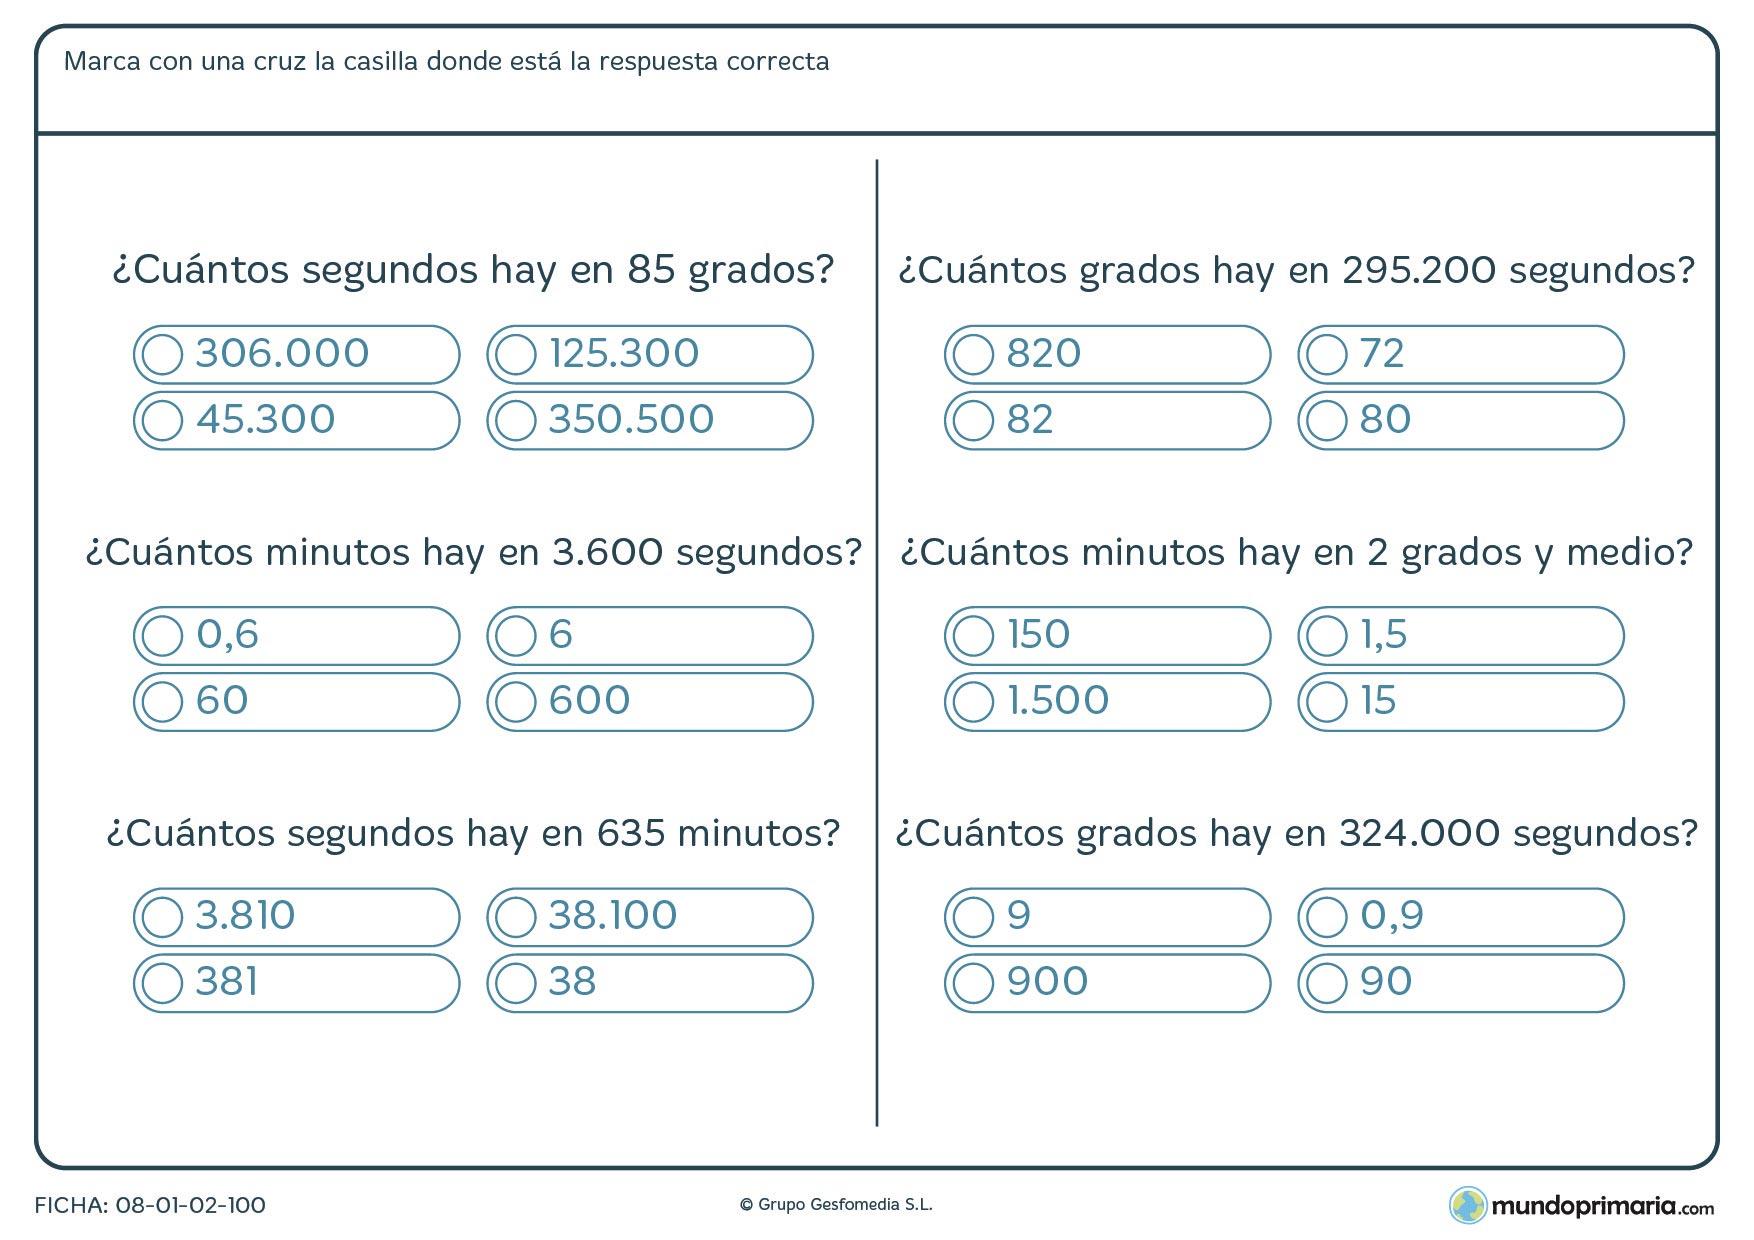 Ficha de medir ángulos y sacar las equivalencias que te pedimos, ya sea de grados a minutos o a segundos.